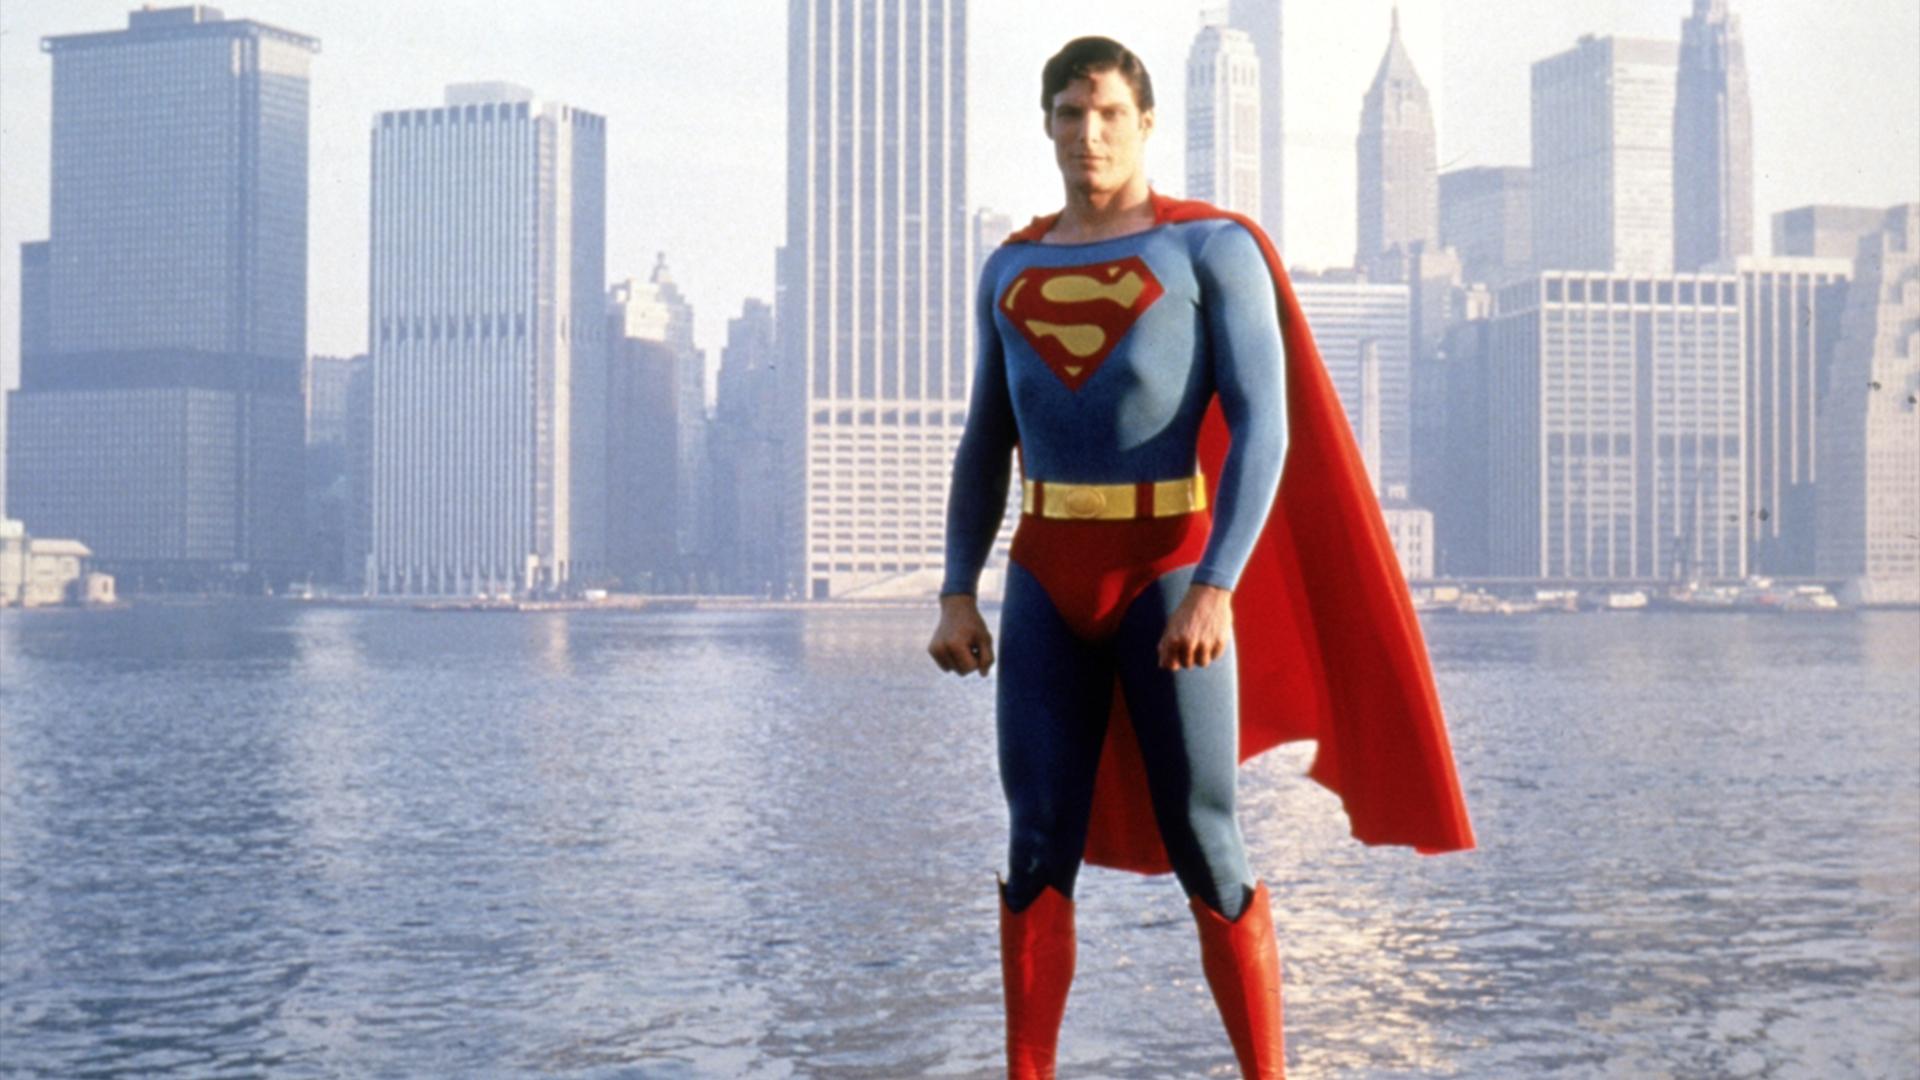 監督vsプロデューサー『スーパーマン』の撮影現場では何が起きていたのか?